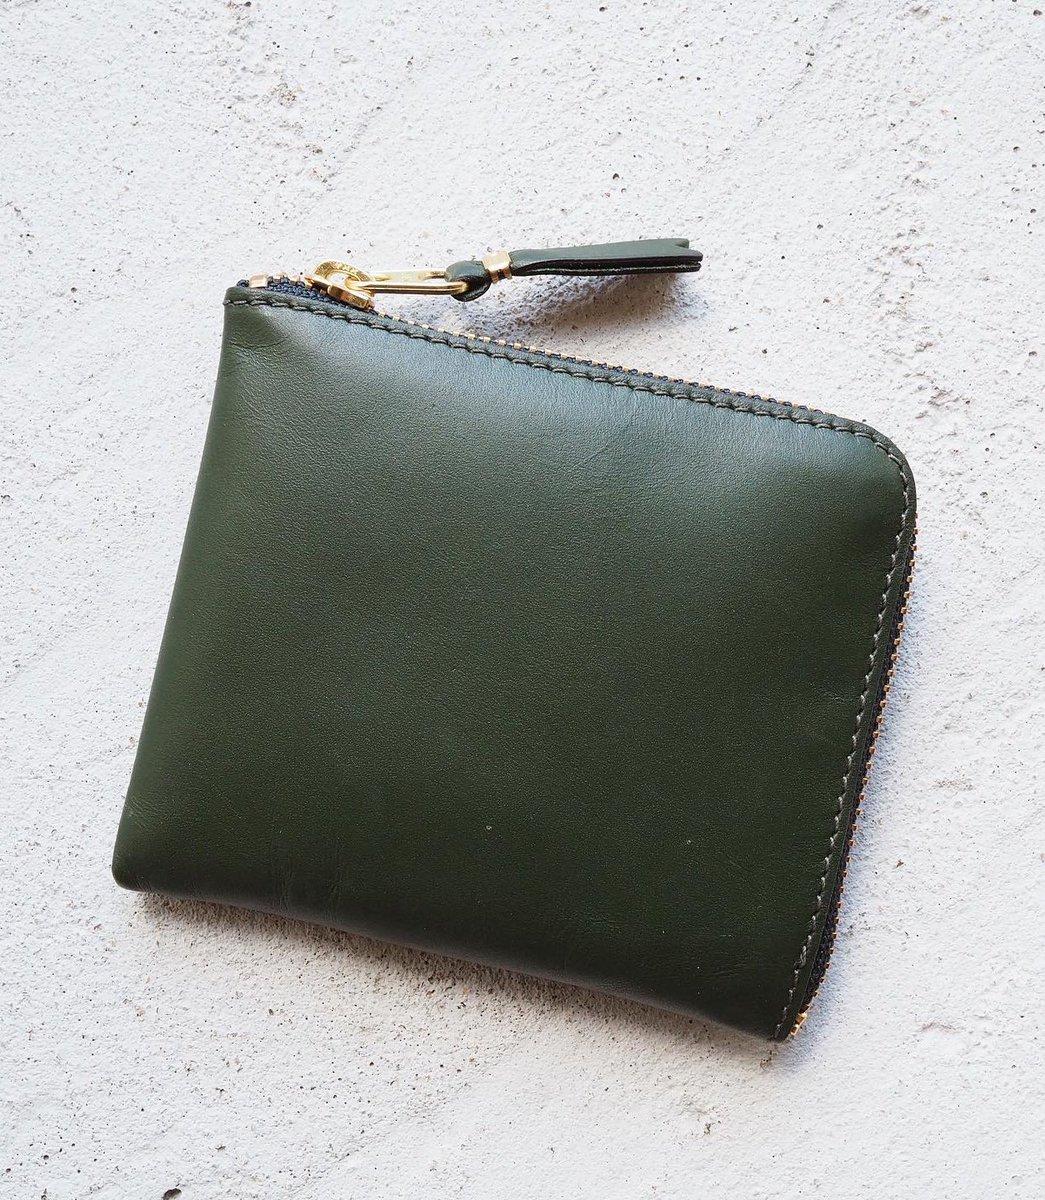 小さい財布を探して早数年、クラフト系からハイブランドまで片っ端まで見たけど求めていたものがギャルソンにあった…ショップのお姉さんに教えてもらった真ん中のポケットじゃなく手前を小銭入れにする使い方がミソ。長財布時代と中身ほぼ一緒なのに小さい軽い薄いで超感動…!お値段も1万円くらいよ